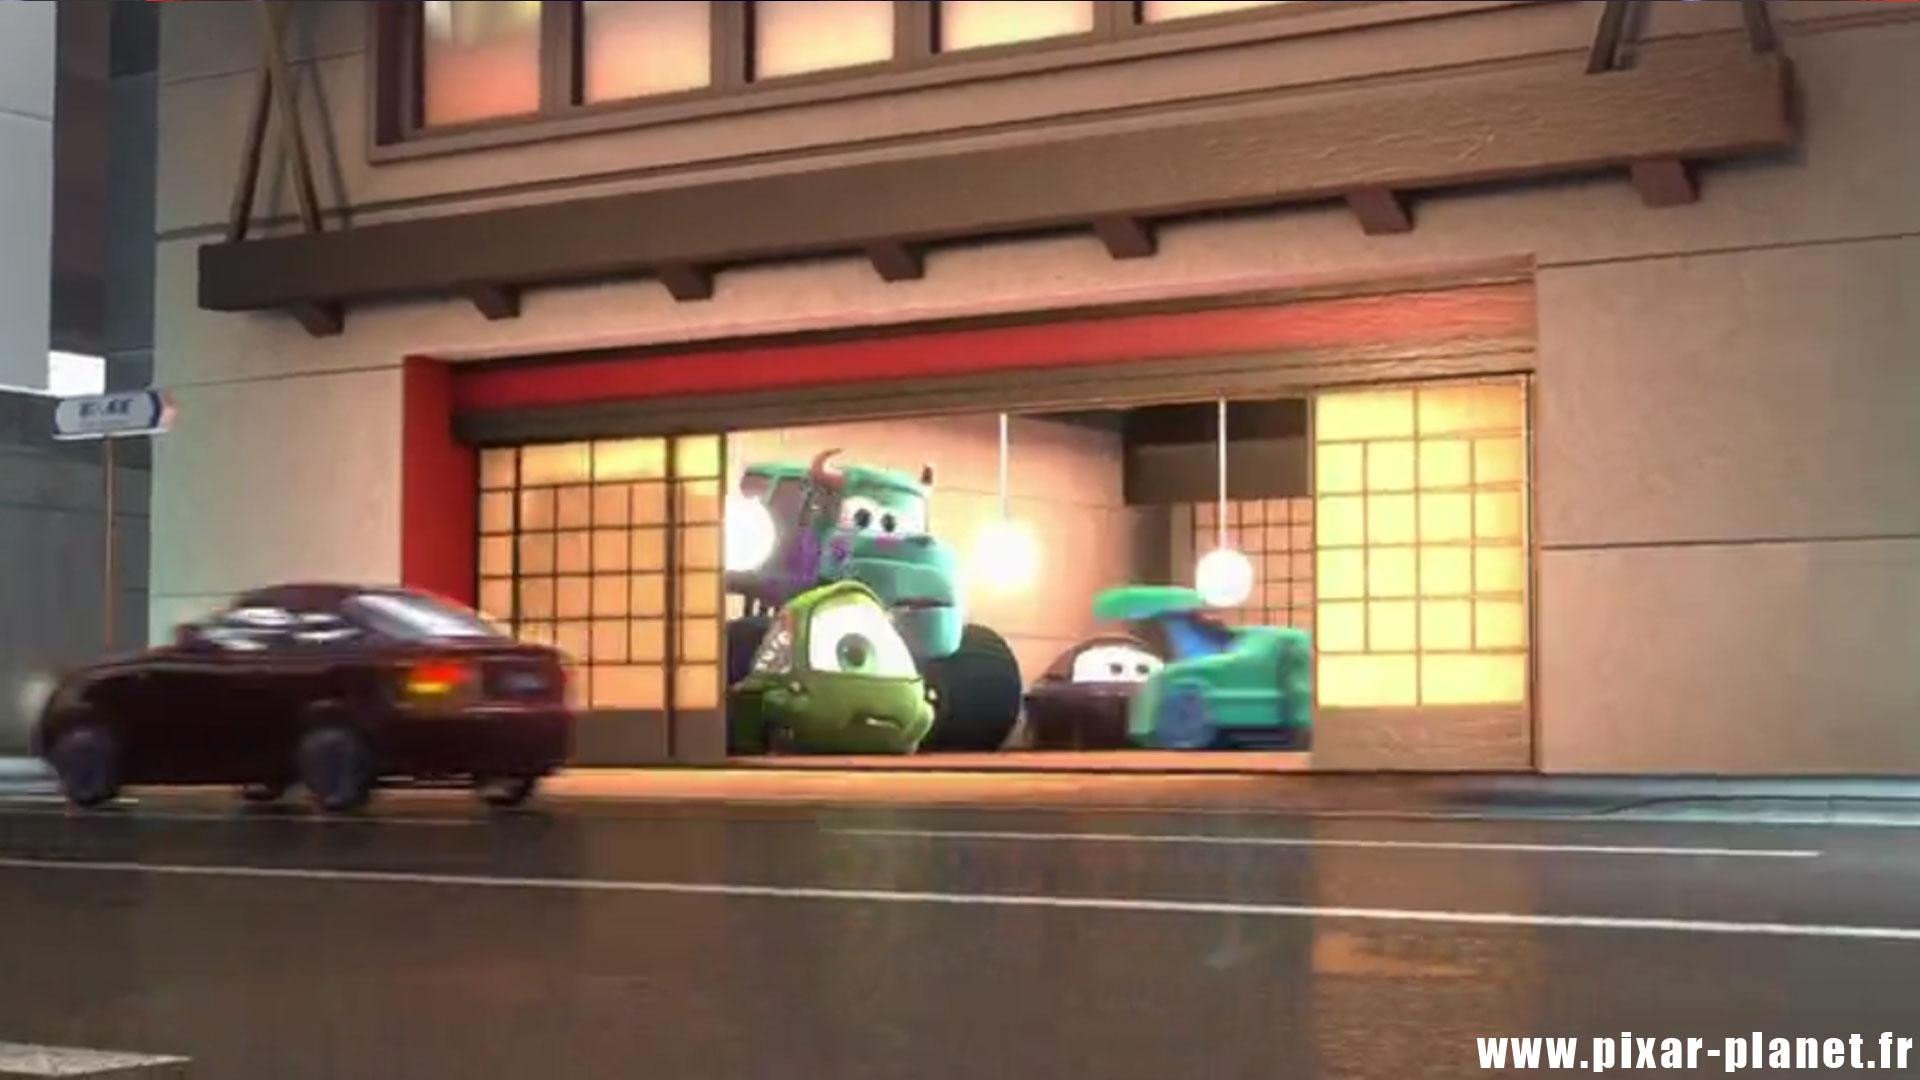 Pixar-Planet : la référence française sur l'univers Pixar. - Page 9 Cars-toon-clin-oeil-23